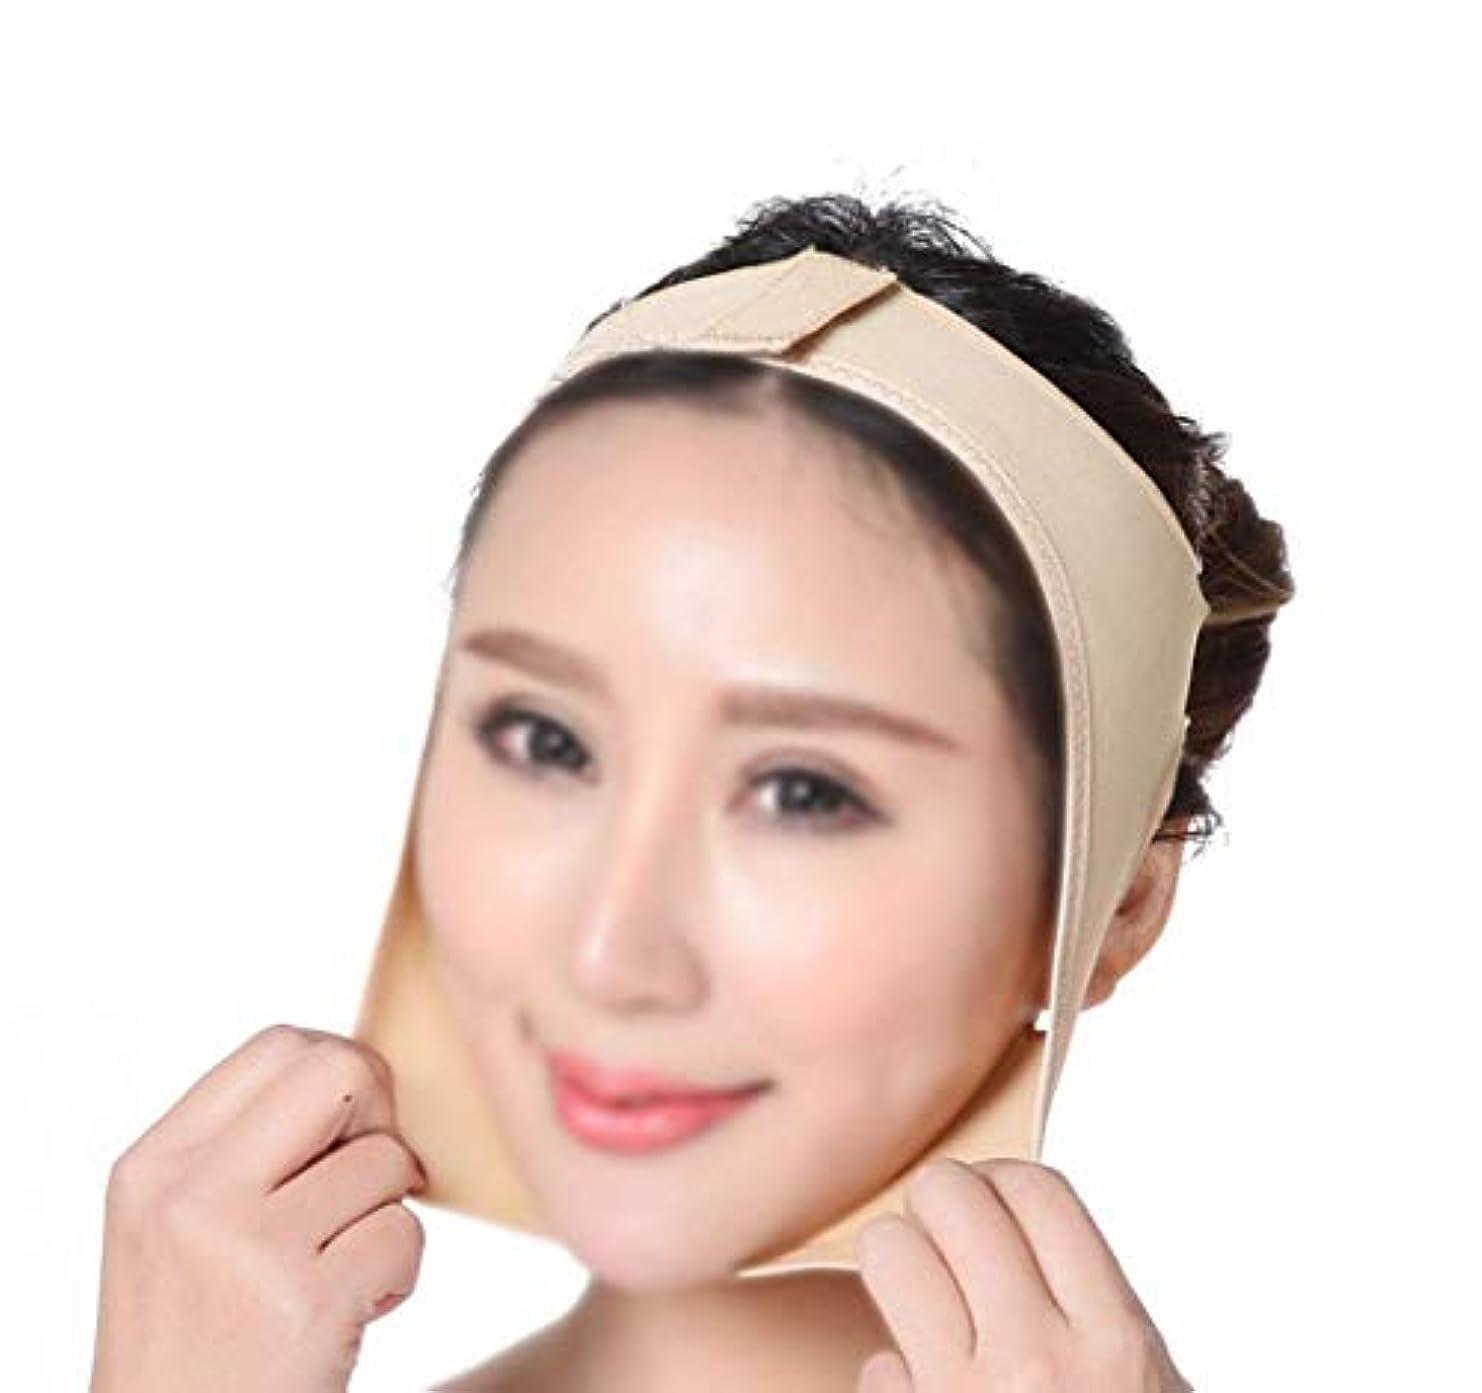 バルーンアパートシニスファーミングフェイスマスク、通気性フェイスバンデージVフェイスデバイススリープ薄型フェイスマスクフェイスマッサージ器具フェイスリフティングフェイスリフティングツール(サイズ:Xl),Xl